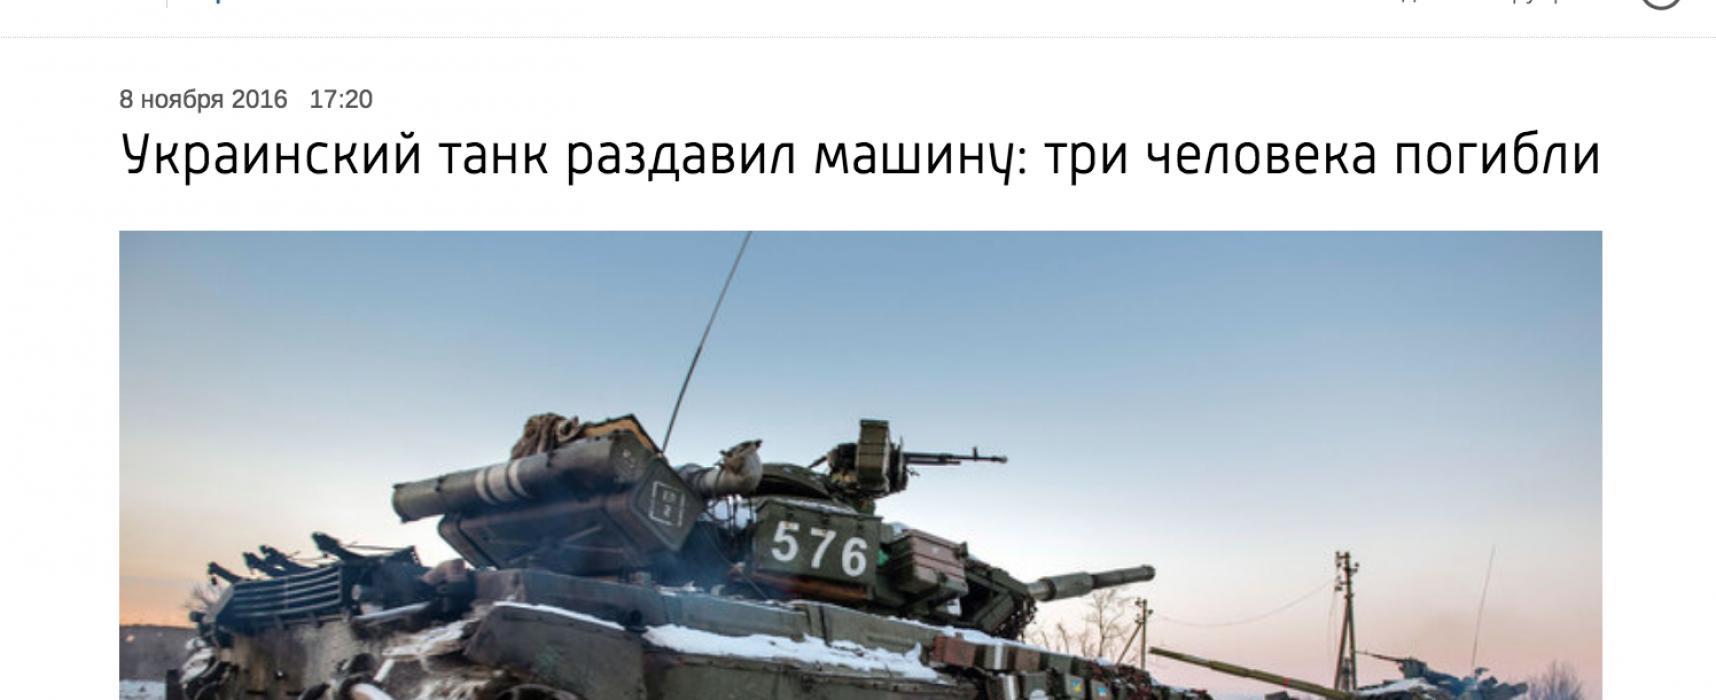 Фейк: в пригороде Мариуполя танк украинской армии раздавил легковой автомобиль с пассажирами